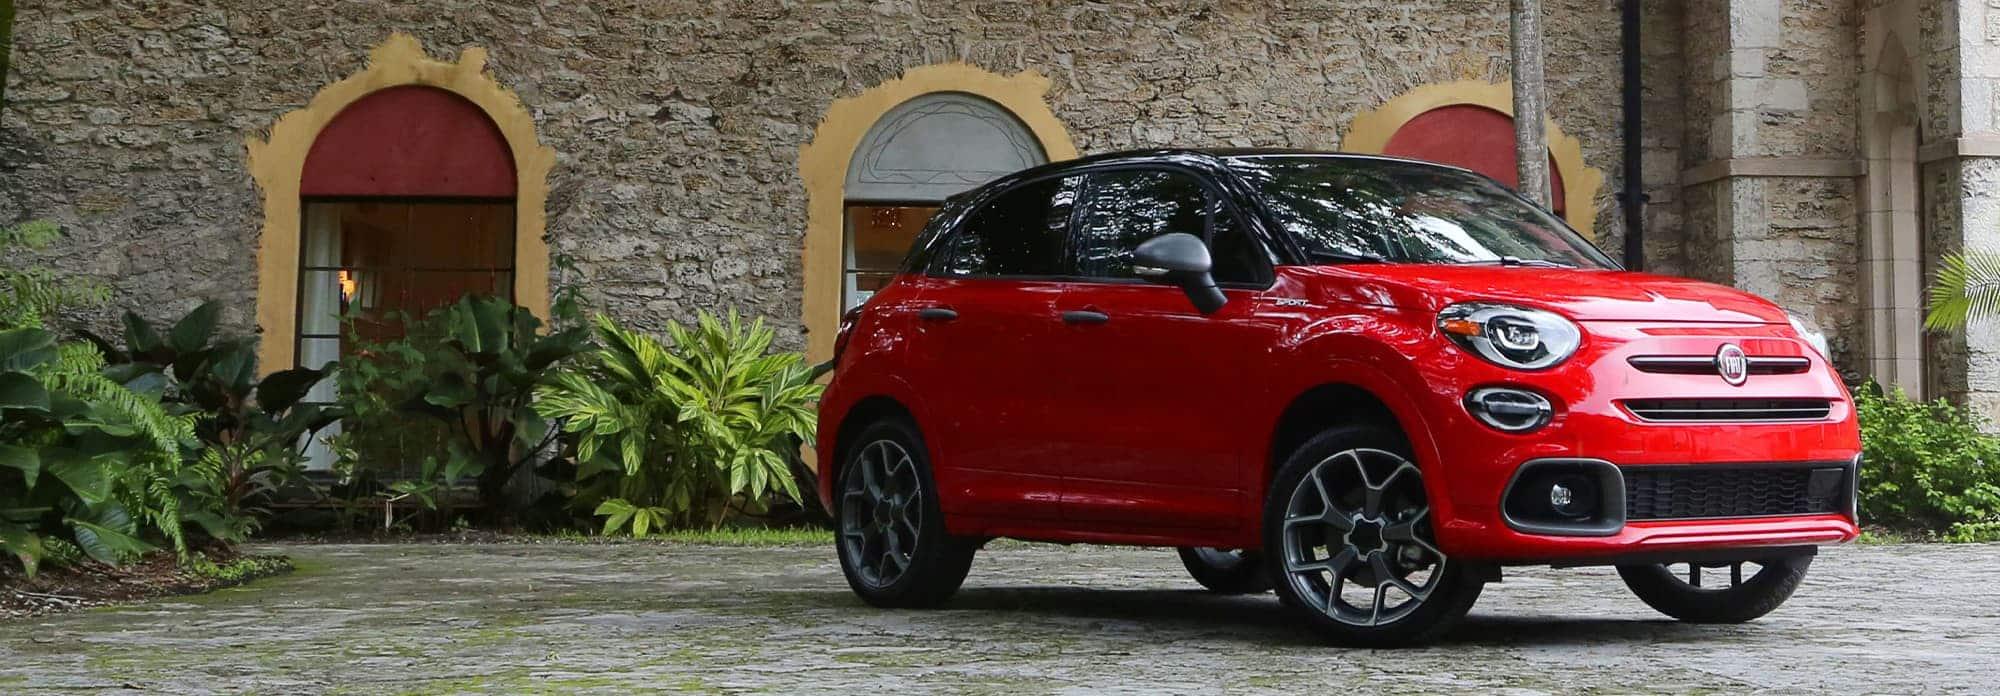 Vista de lateral de medio perfil de un Fiat 500X 2020 rojo estacionado sobre una calle de adoquines.